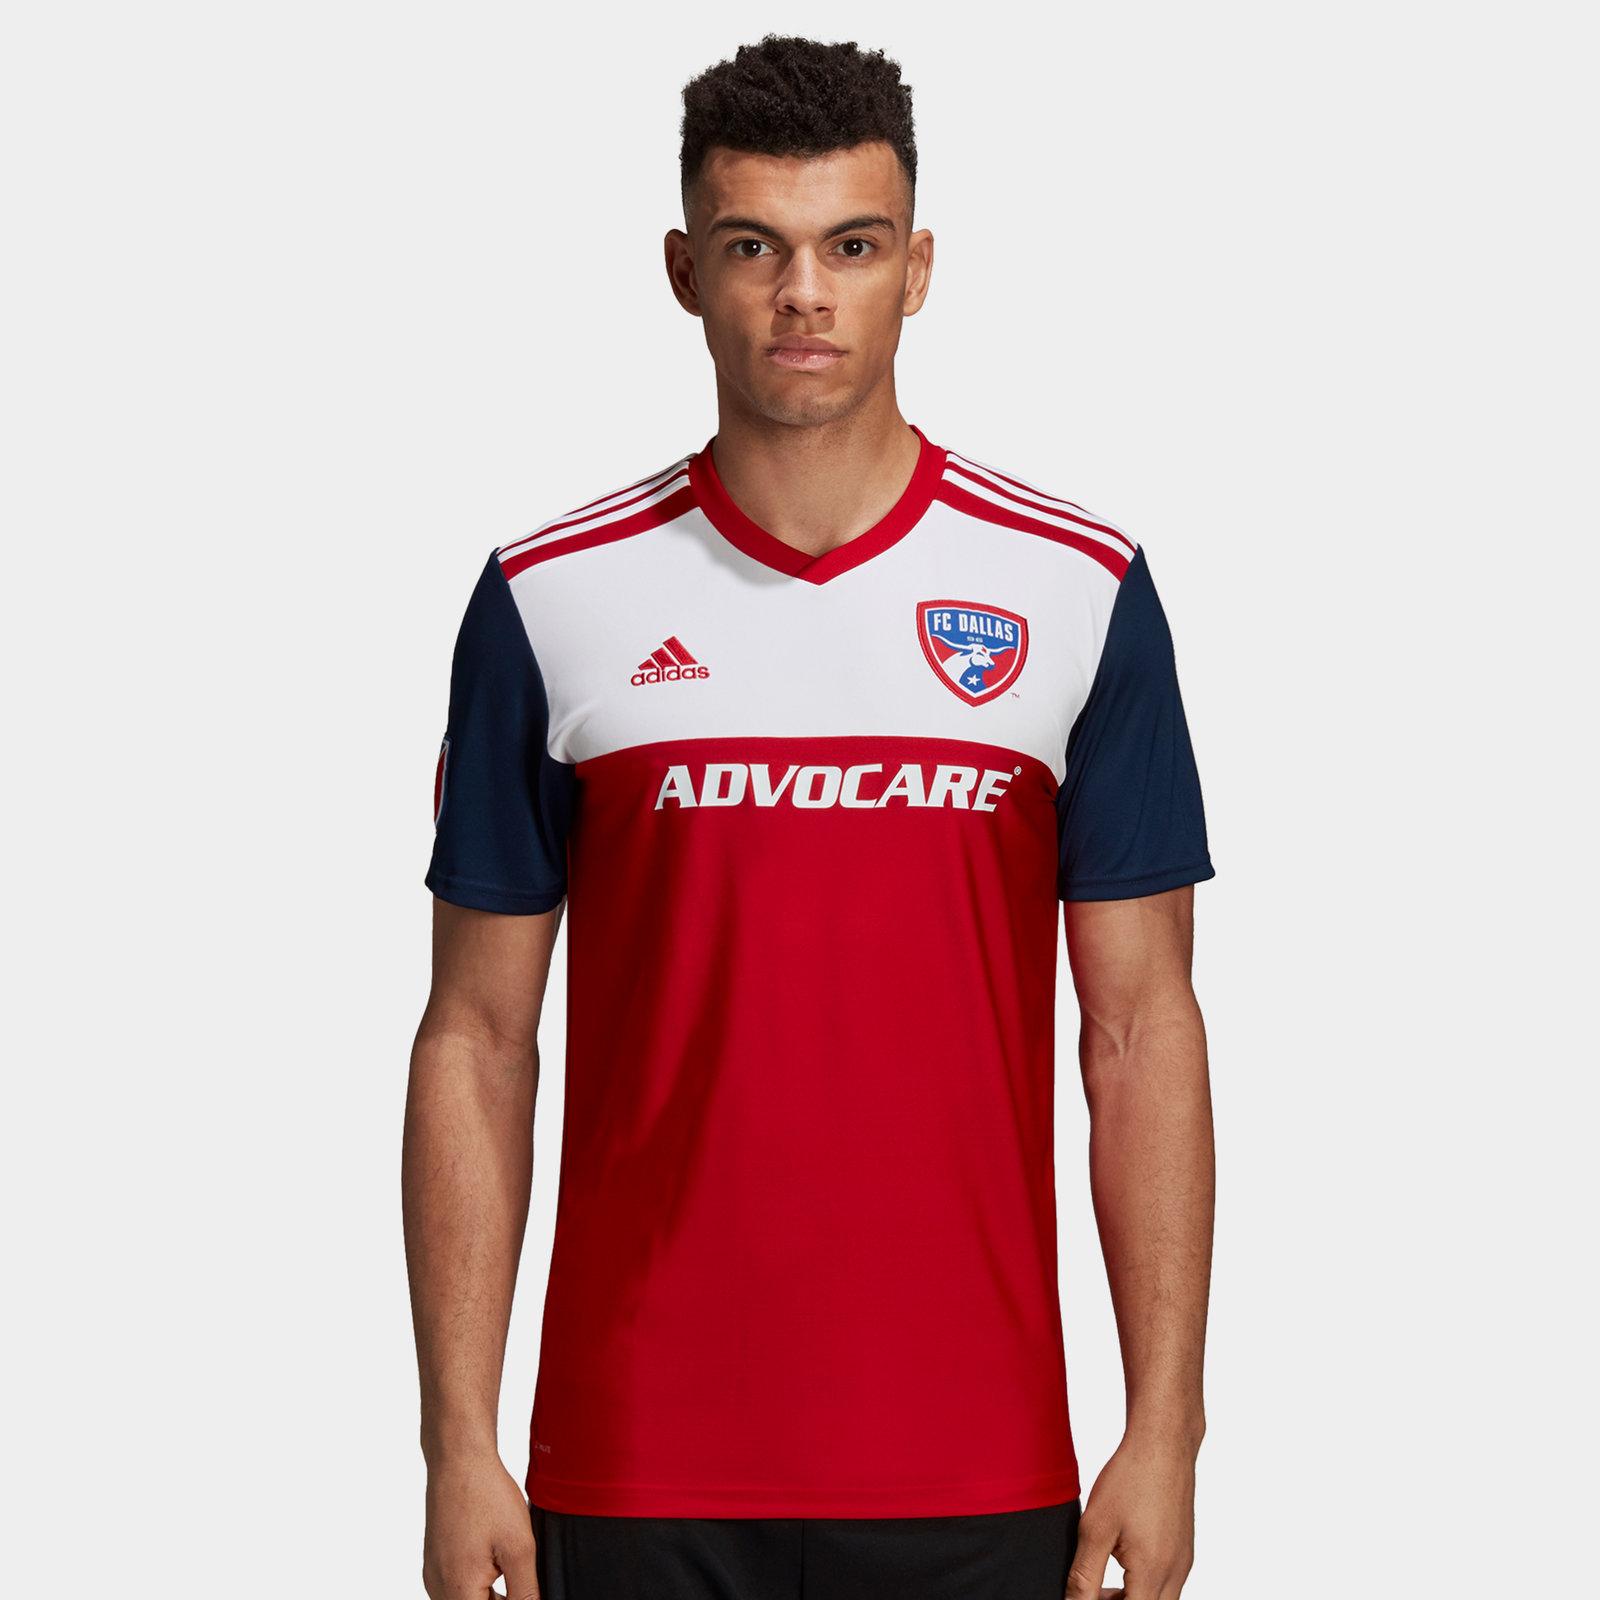 FC Dallas Home shirt